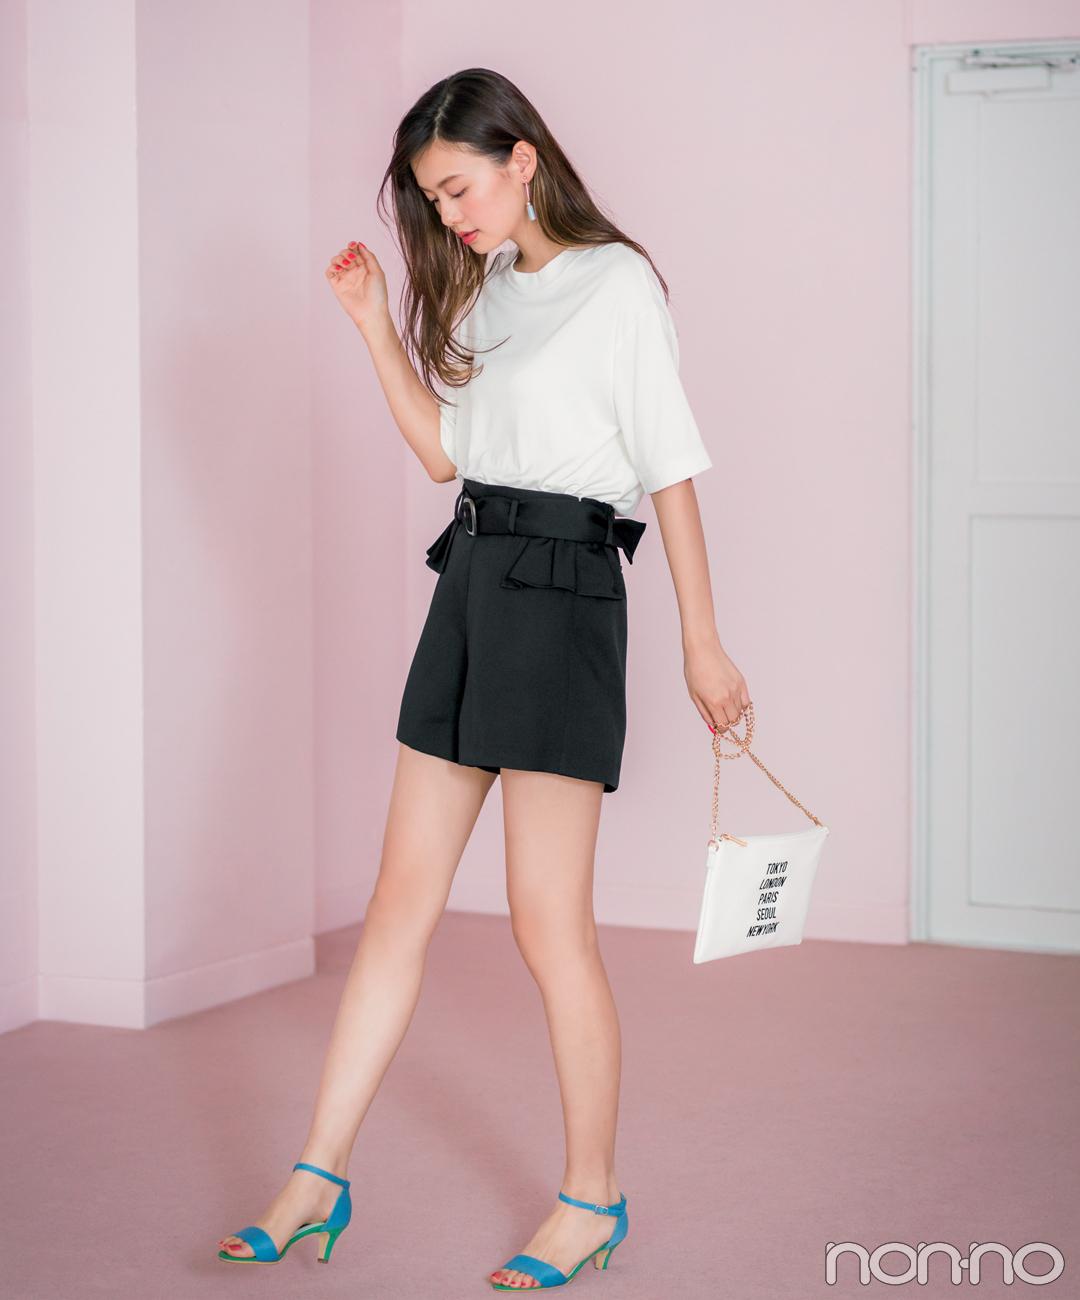 【夏のTシャツコーデ】泉はるは、腰高&細脚に見せる黒のベルトつきで脚長コーデ